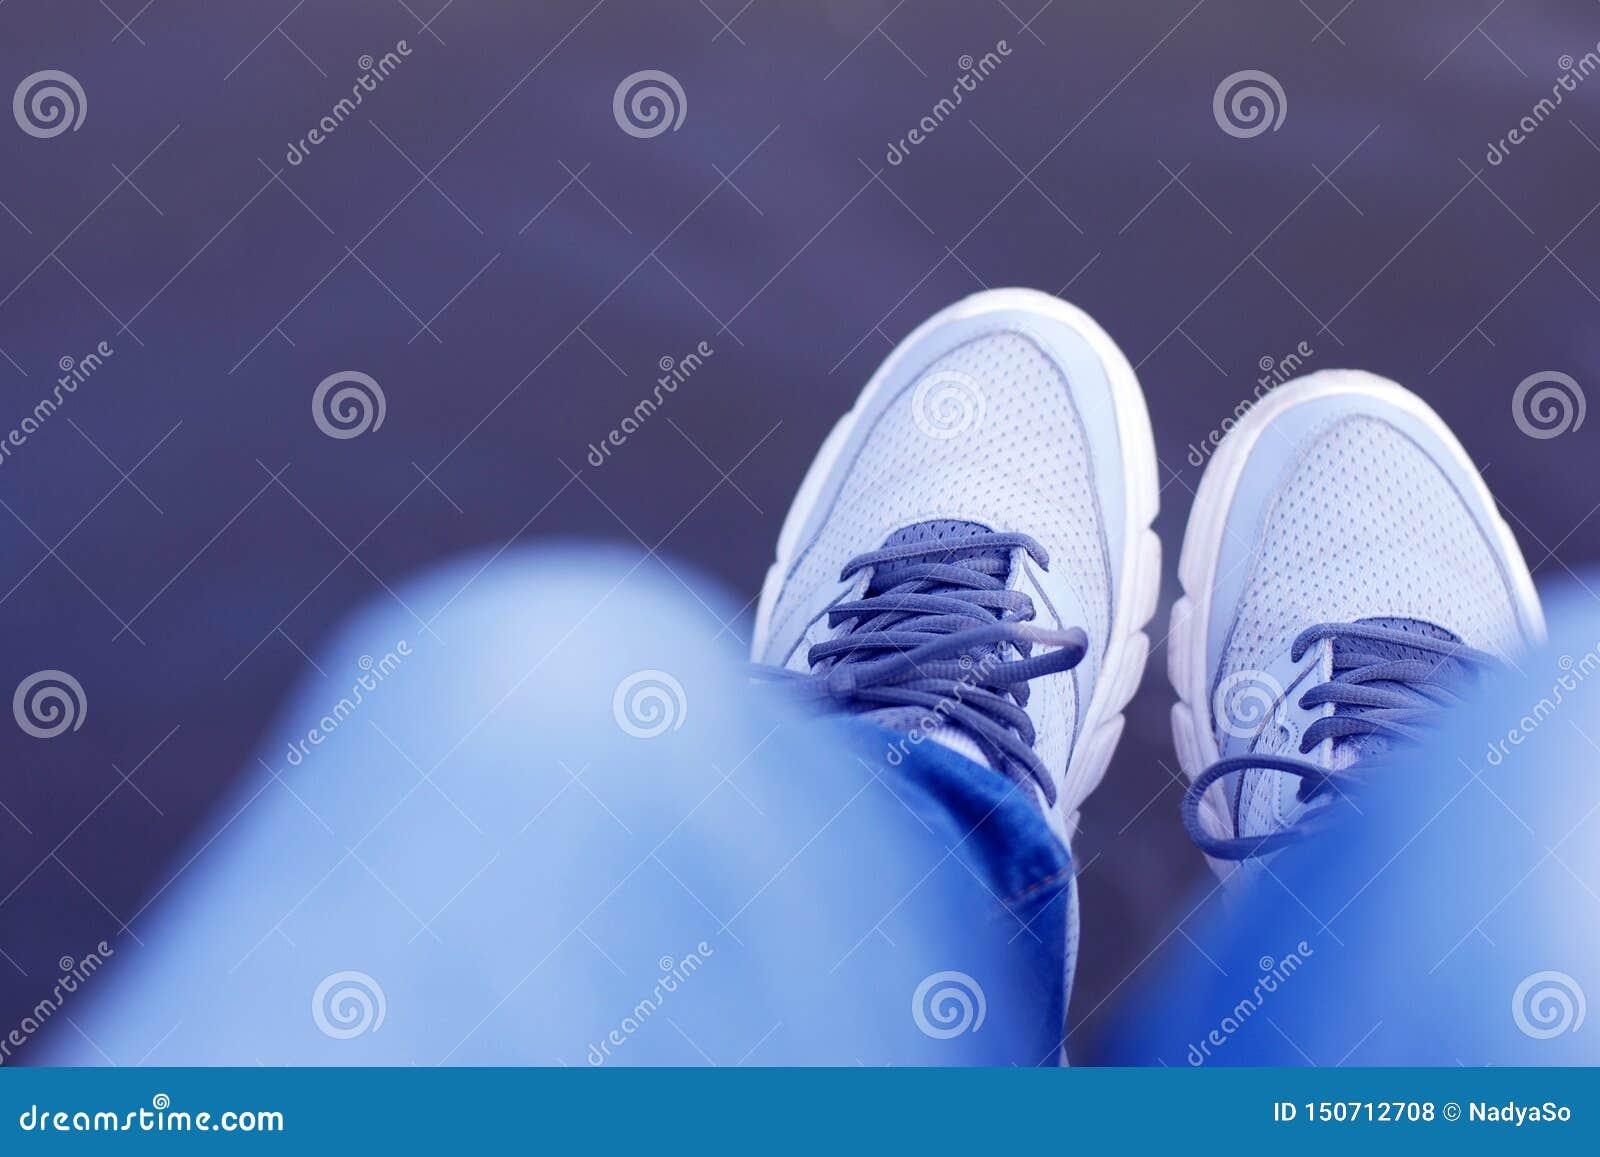 Foto: NadyaSo oscila os pés sobre a água, calças de brim, sapatilhas cinzentas, primeira pessoa